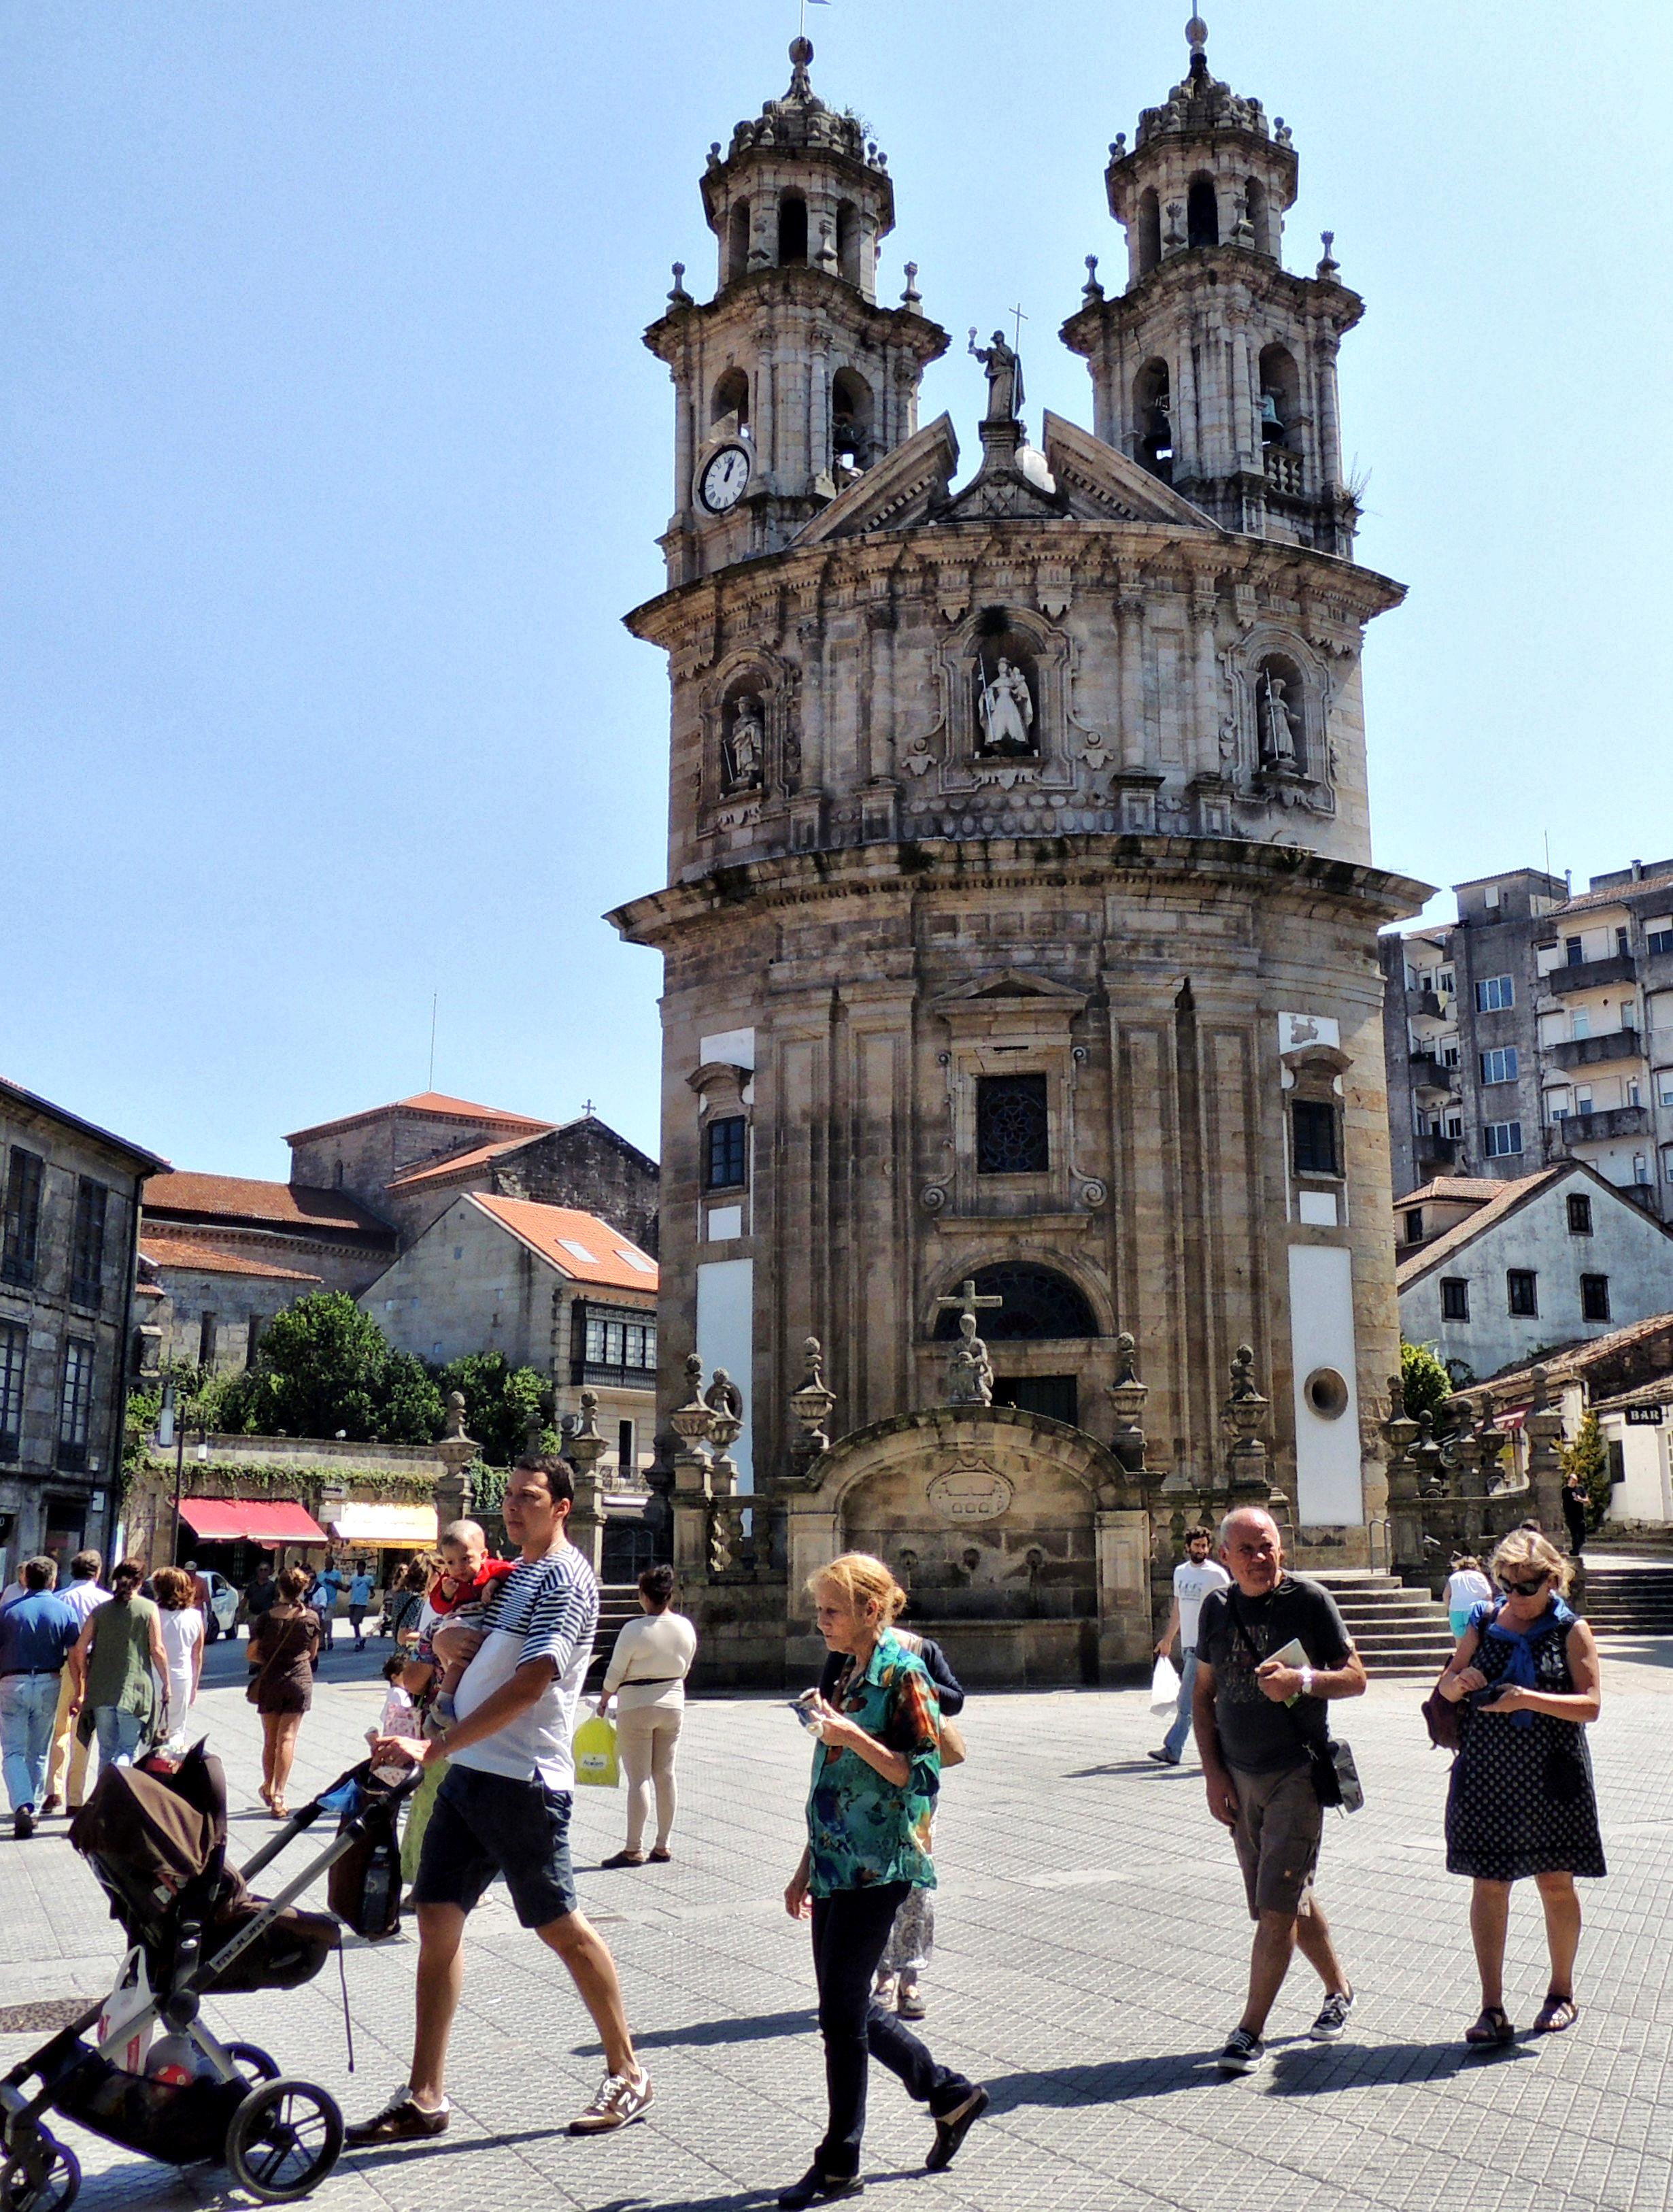 Fotos gratis pueblo centro de la ciudad vacaciones - Casas gratis en pueblos de espana ...